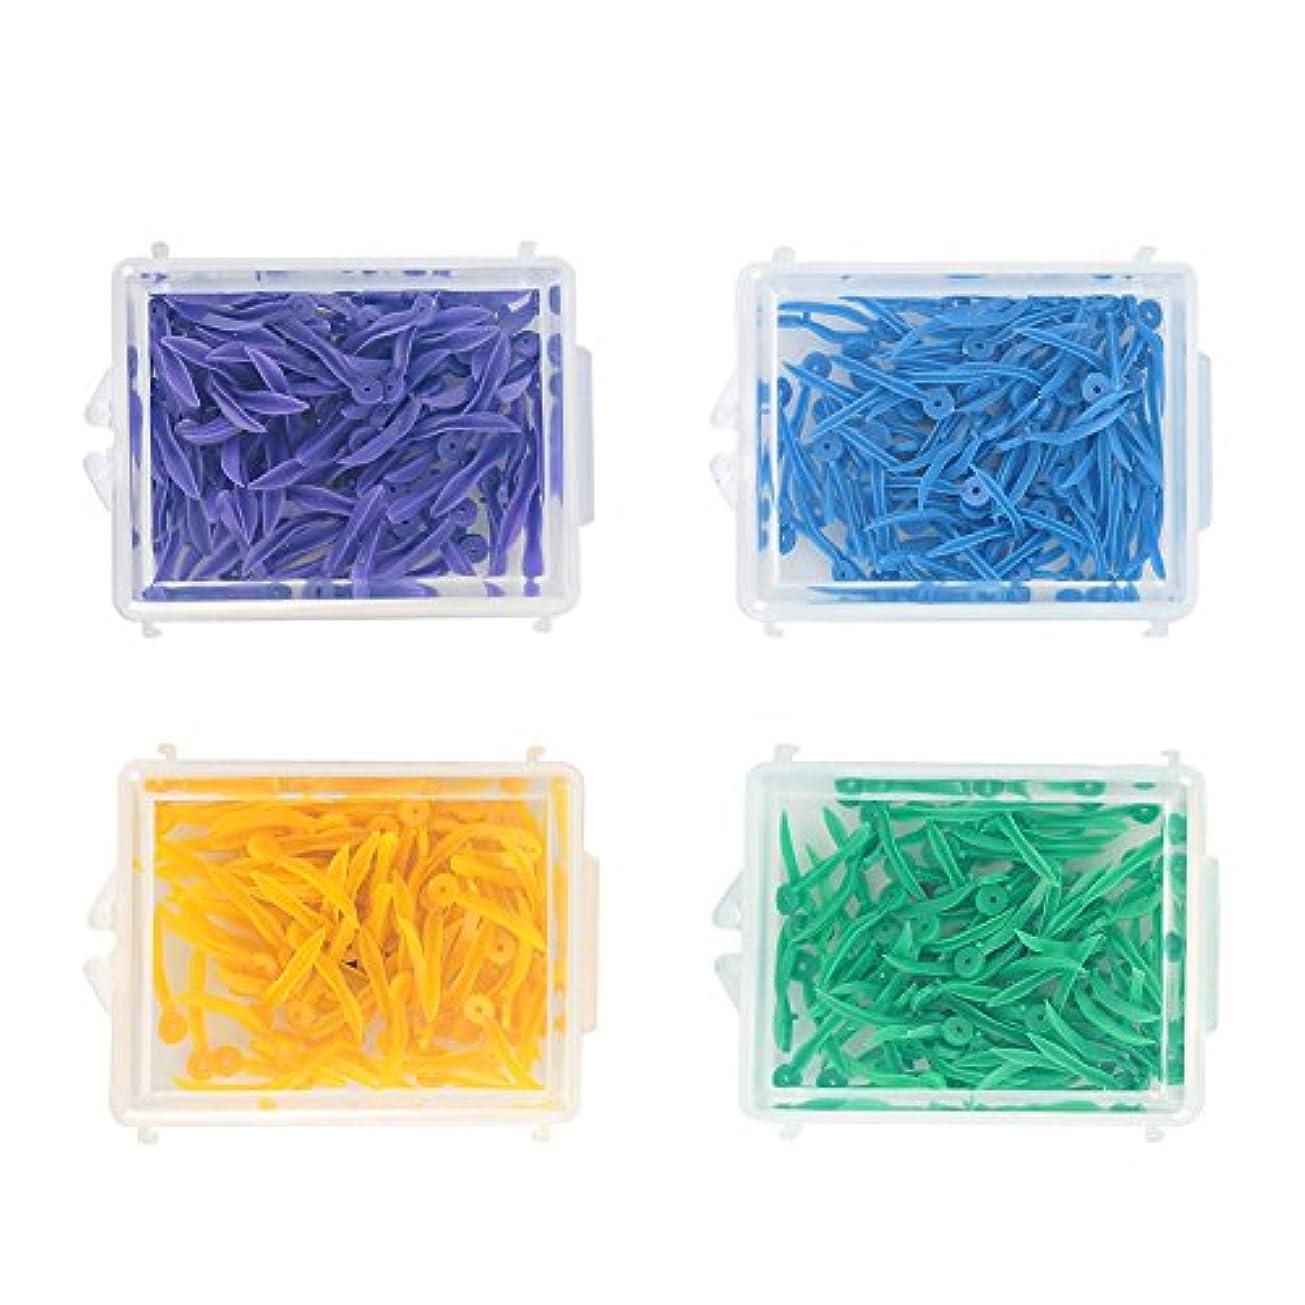 お客様信頼性のある今日400pcs使い捨て歯科用プラスチック製くさびすべての4つのサイズウェーブシェイプウェッジ